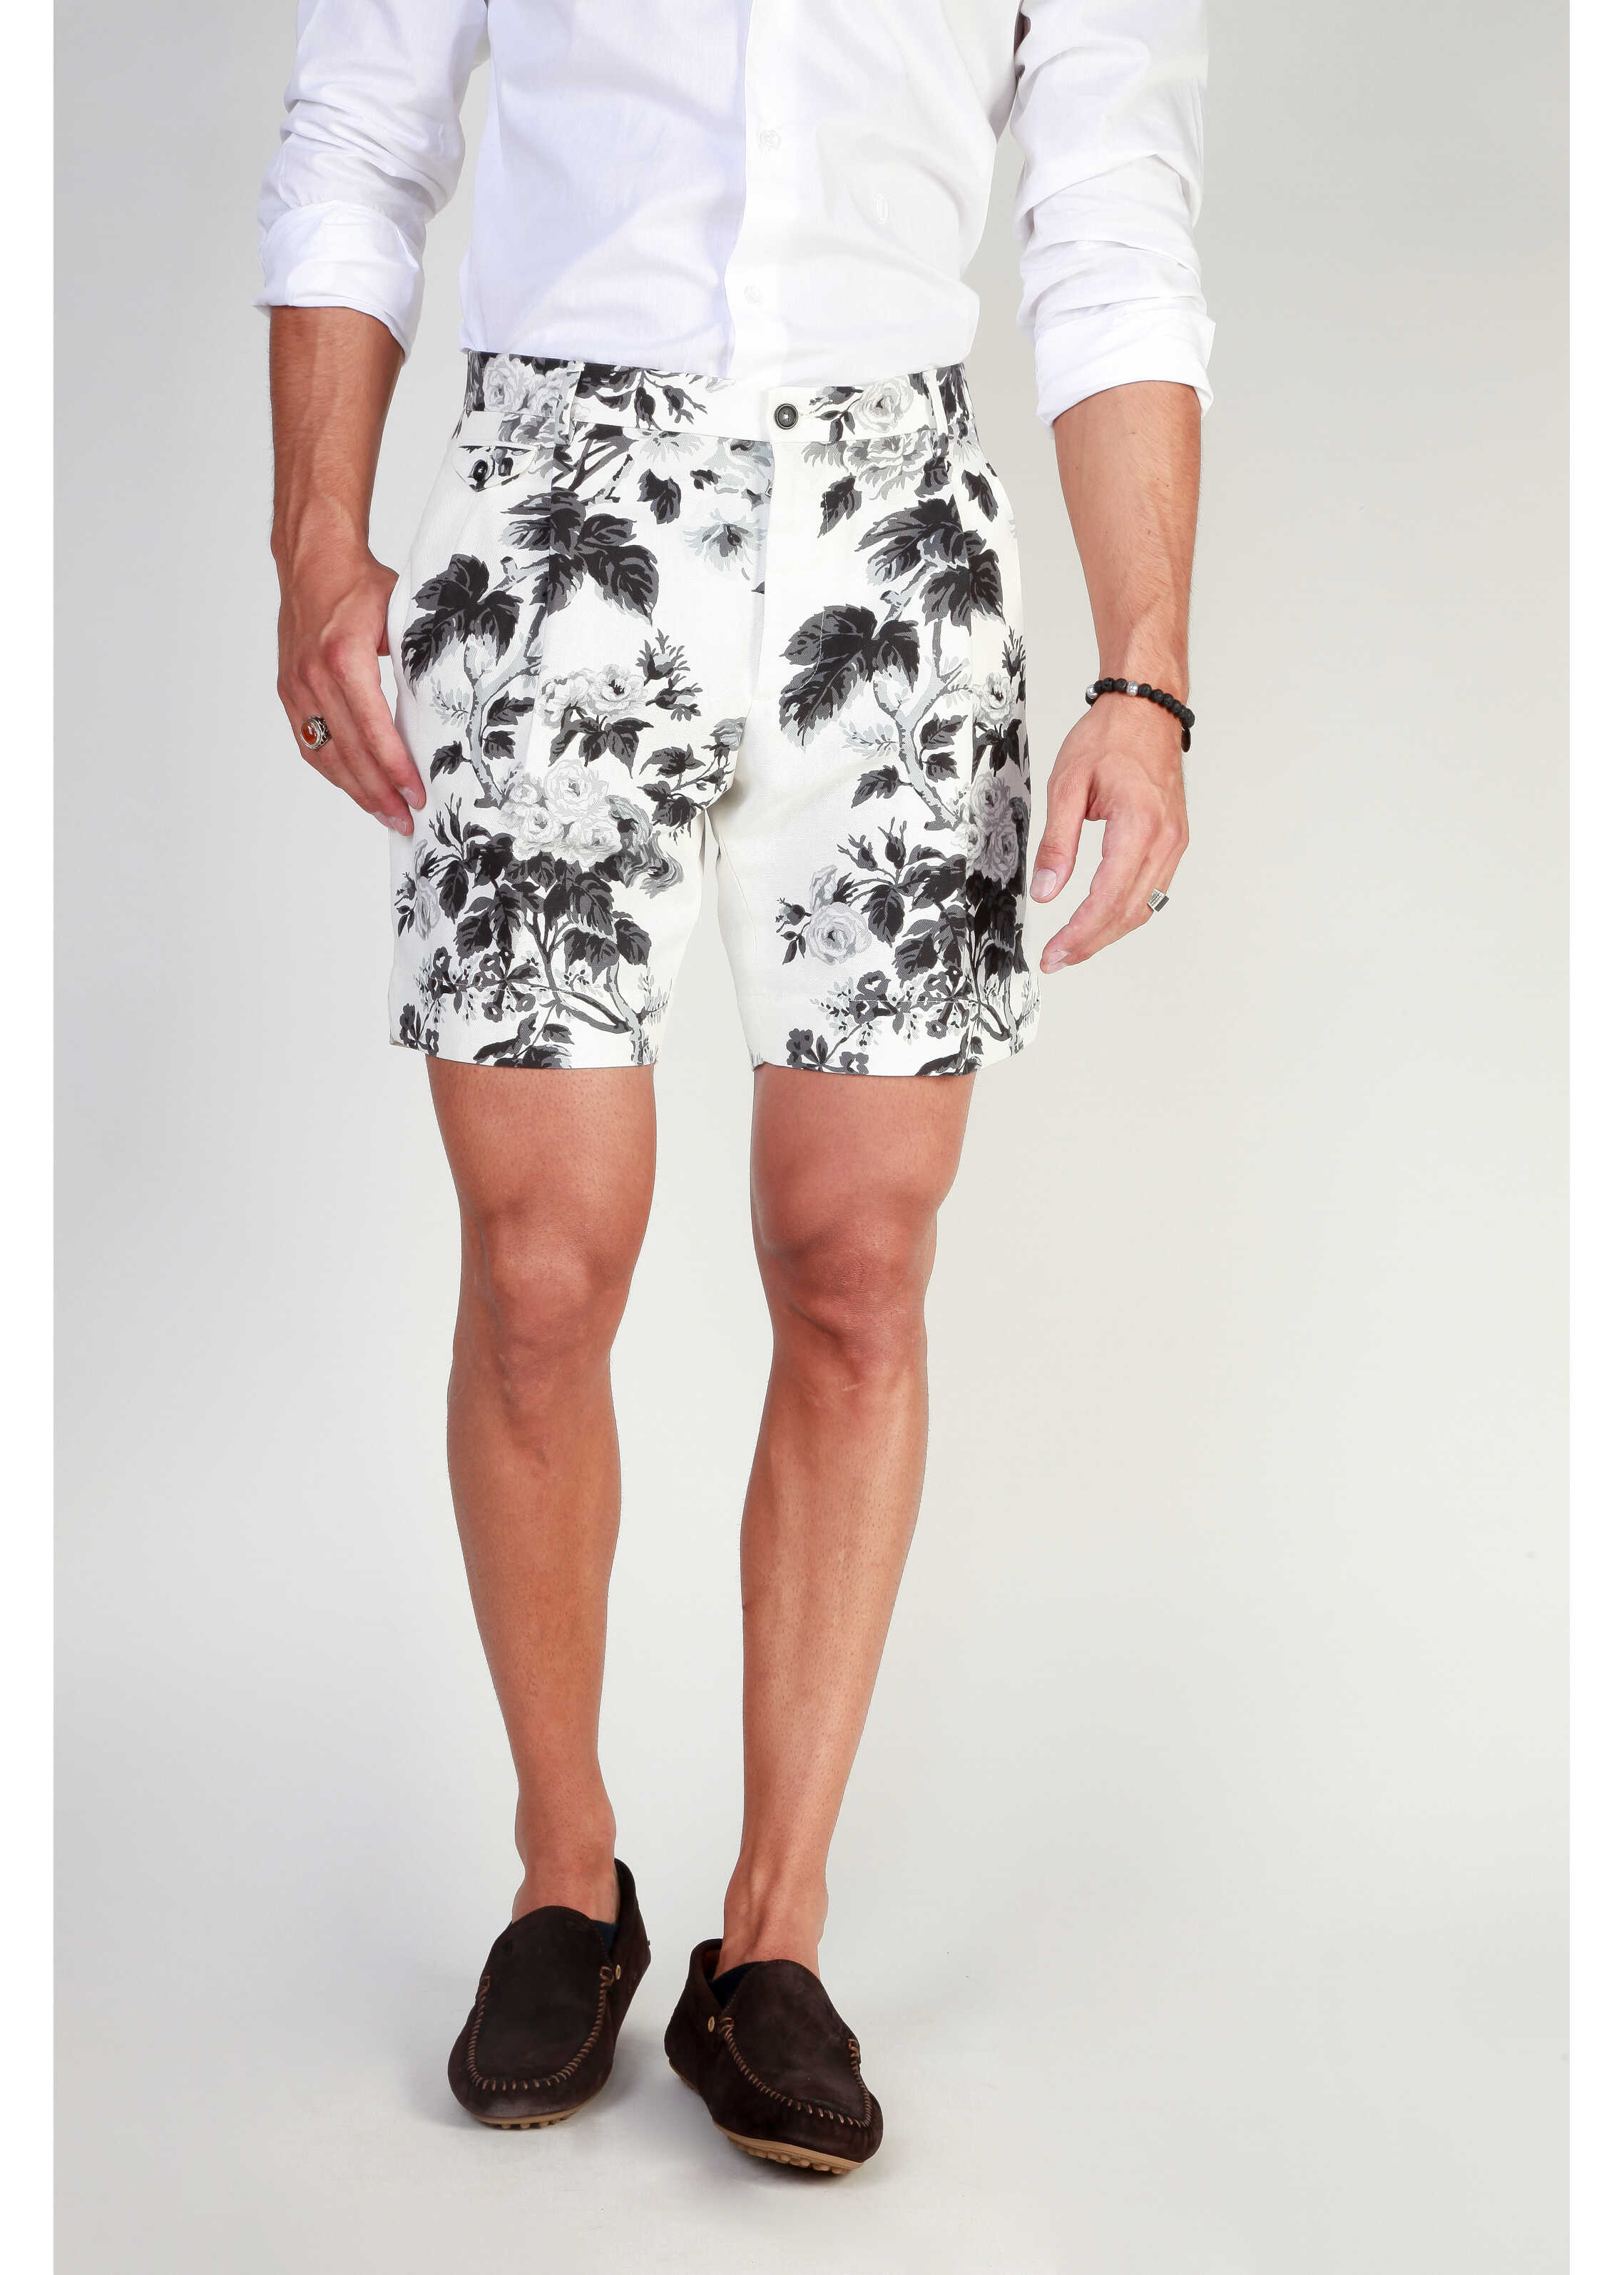 Dolce & Gabbana G6Ibmt White